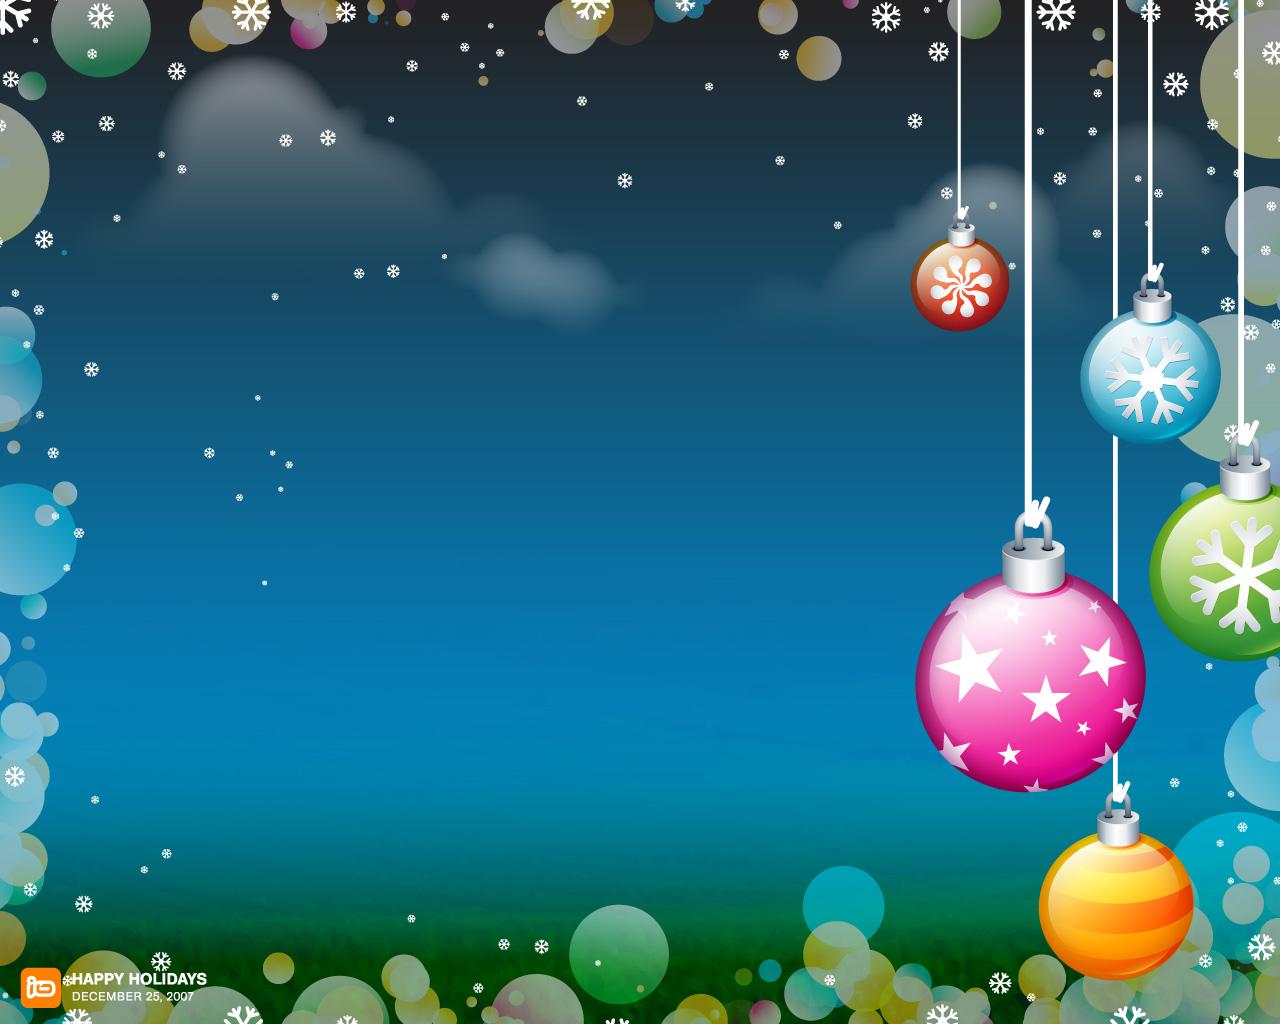 http://1.bp.blogspot.com/-fqe09aOLI8w/ULX-9R5IFuI/AAAAAAAAD2U/QXj_P5h1NSk/s1600/Christmas+XP+Wallpaper+2.jpg